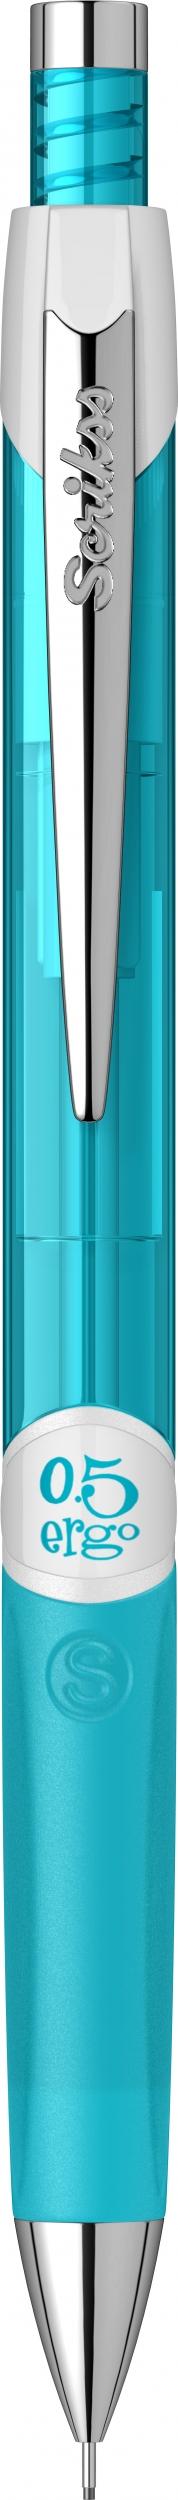 Механичен молив Ergo Scrikss 0,5мм., модел 72124, , Неон Син